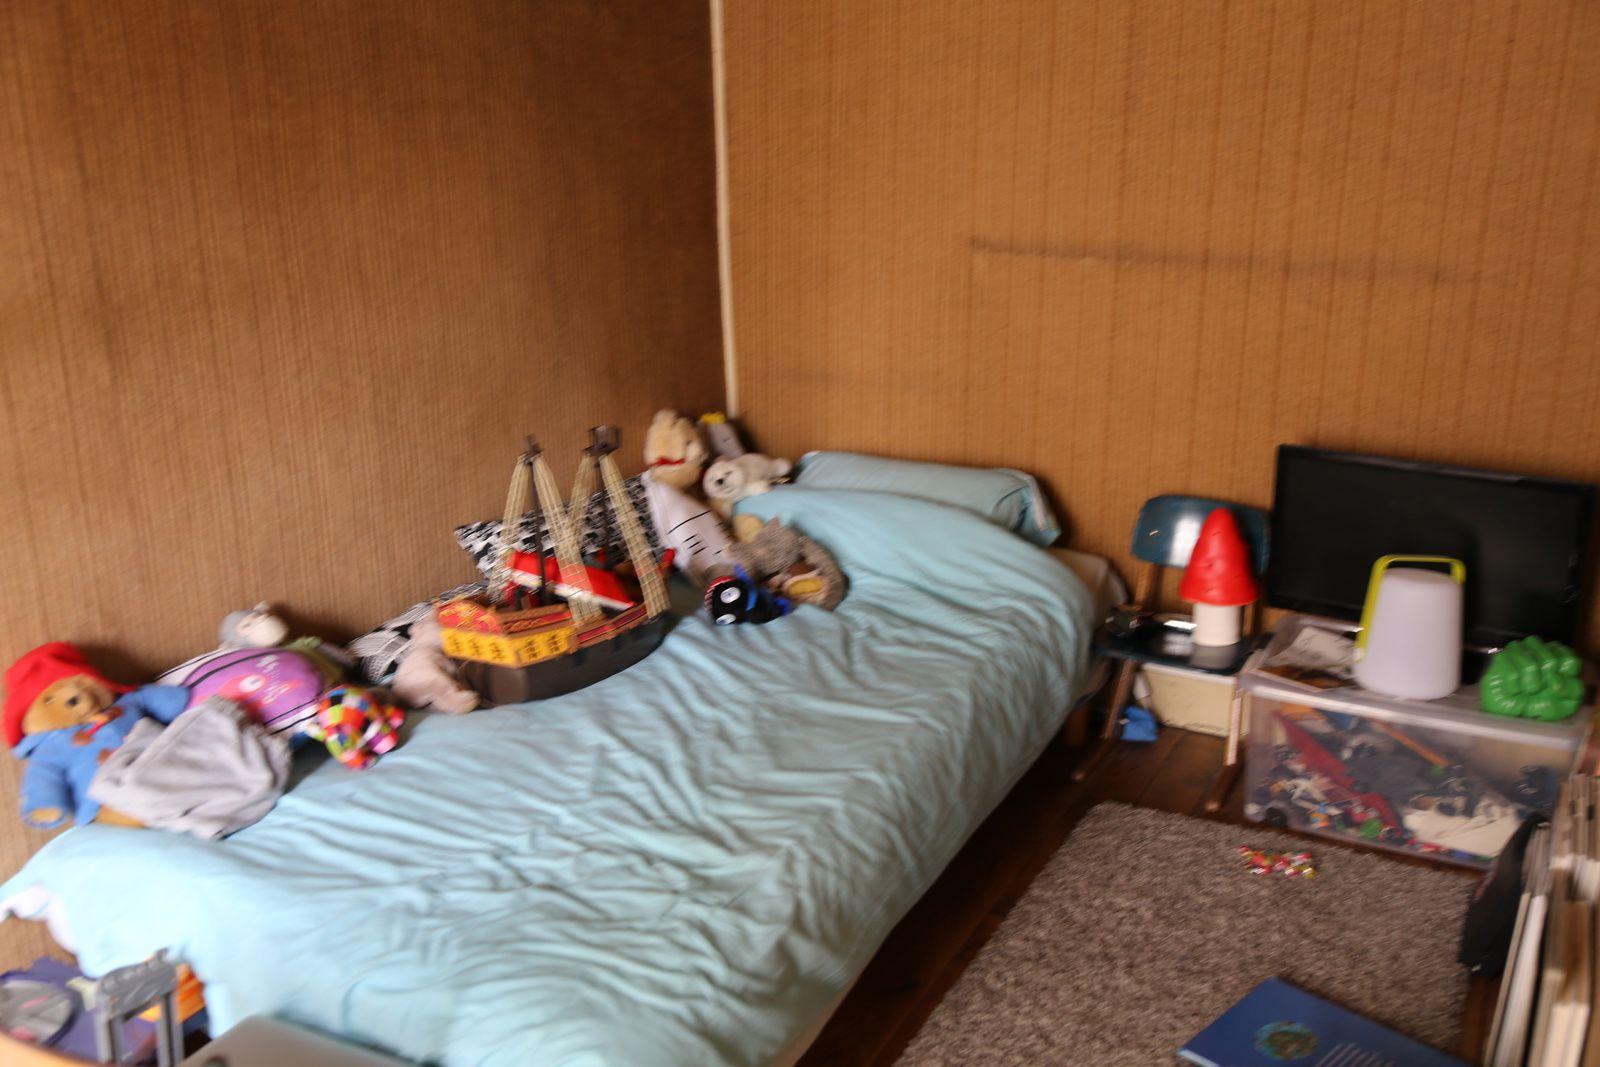 La petite chambre bien sombre avant rénovation...